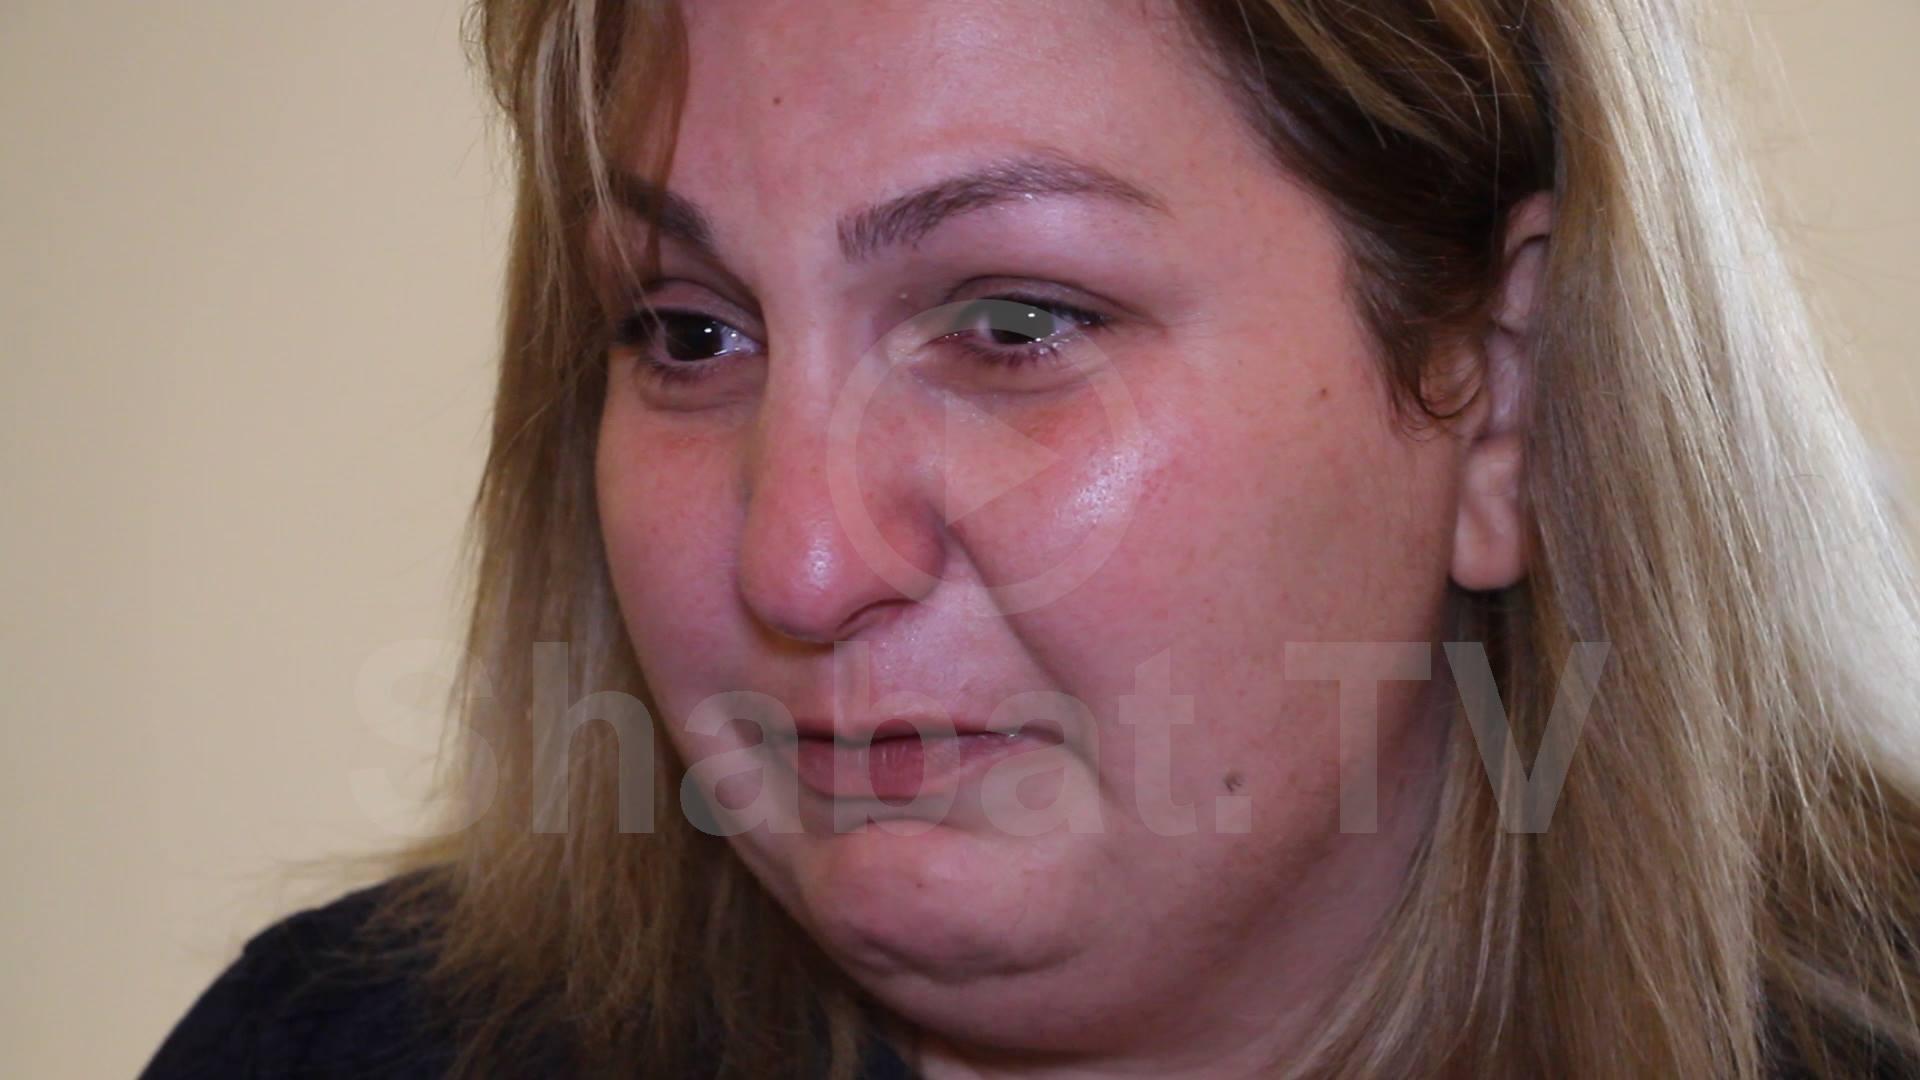 Ոչ ոք չի կարող 3 միլիոնով բերանս փակել․ Սասնա Ծռերի ապստամբության ժամանակ զոհված ոստիկանի այրի